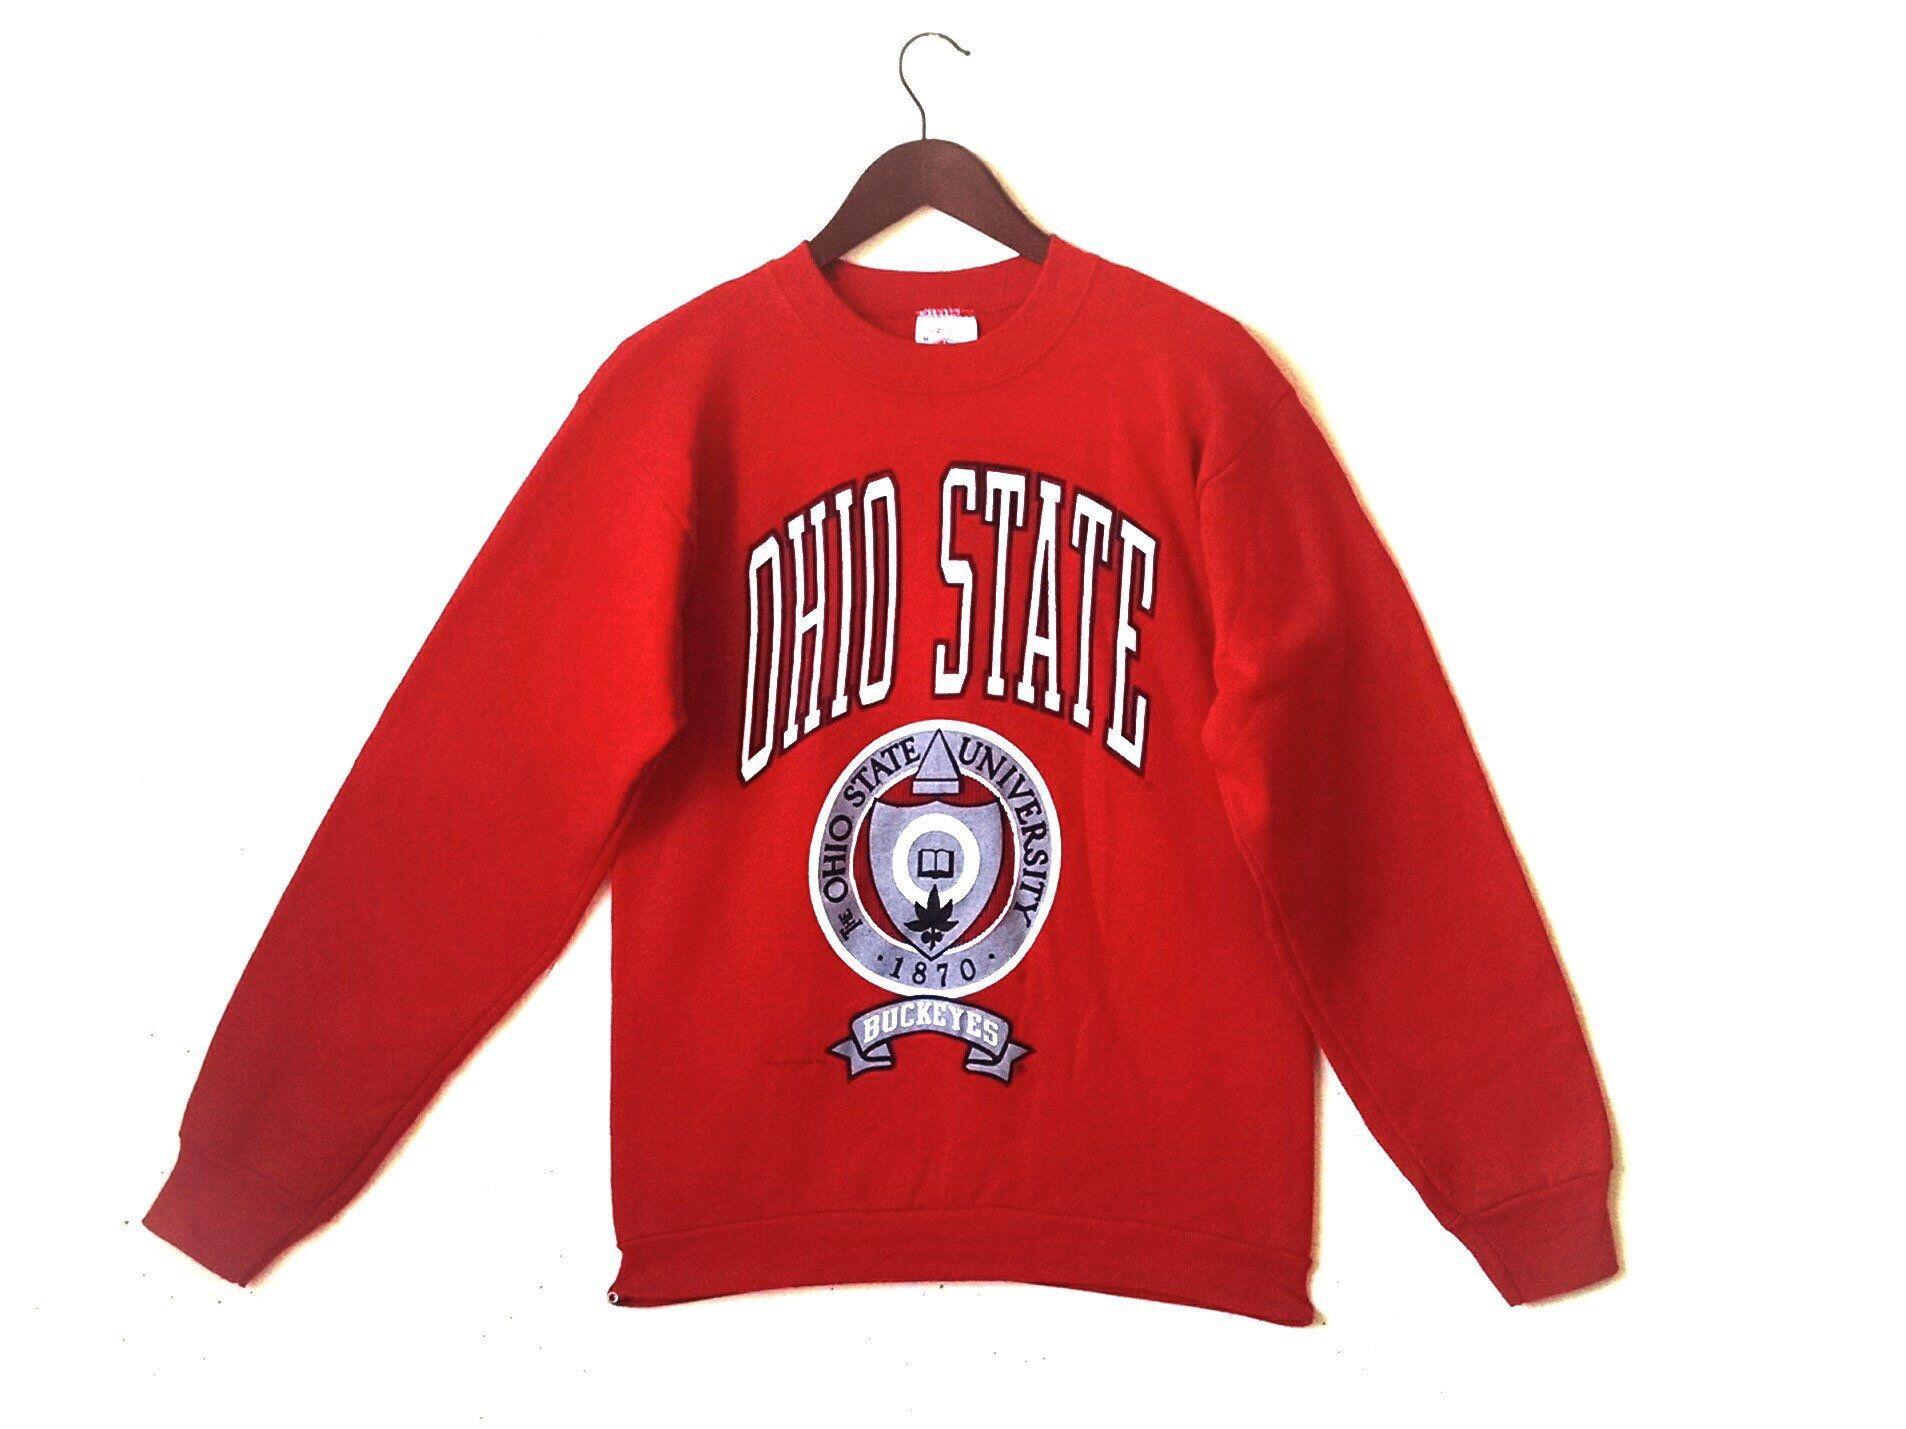 Vintage Ohio State University Buckeyes Crew Sweatshirt Etsy Vintage Sweatshirt Sweatshirts Crew Sweatshirts [ 1429 x 1906 Pixel ]